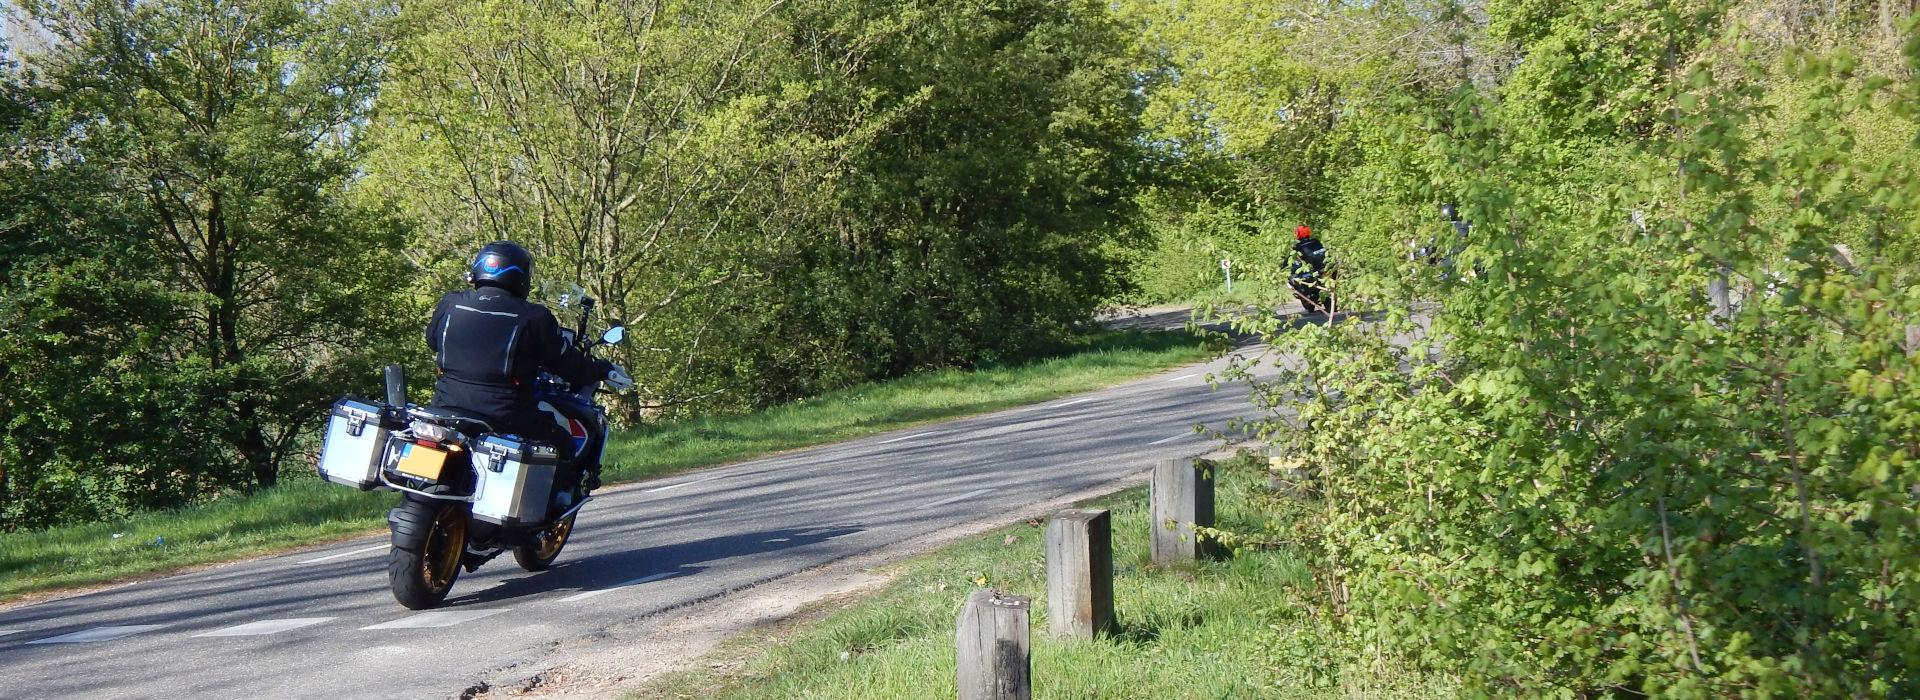 Motorrijbewijspoint Veldhoven spoed motorrijbewijs